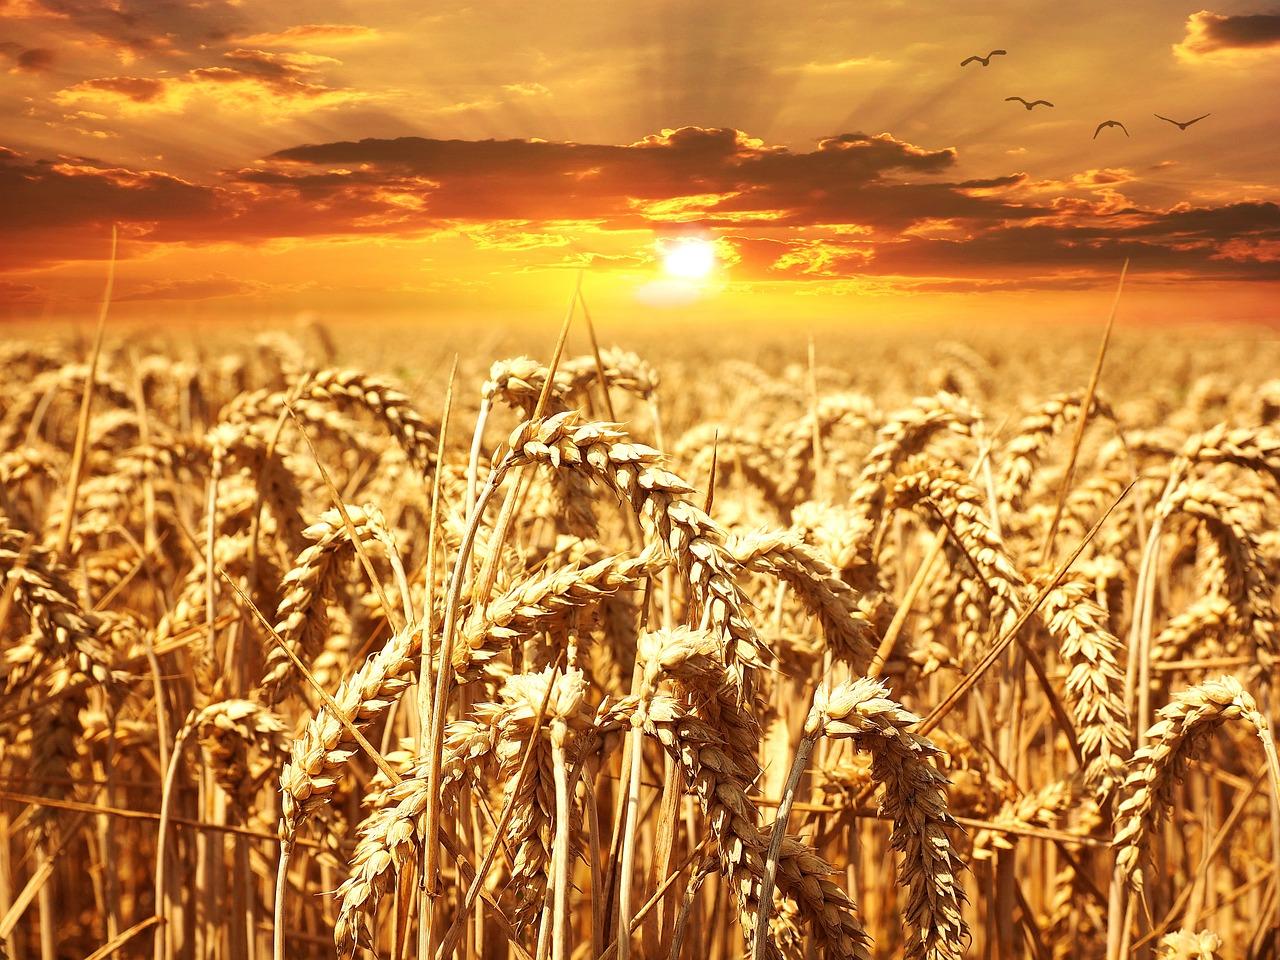 Sonnenuntergang über Getreidefeld